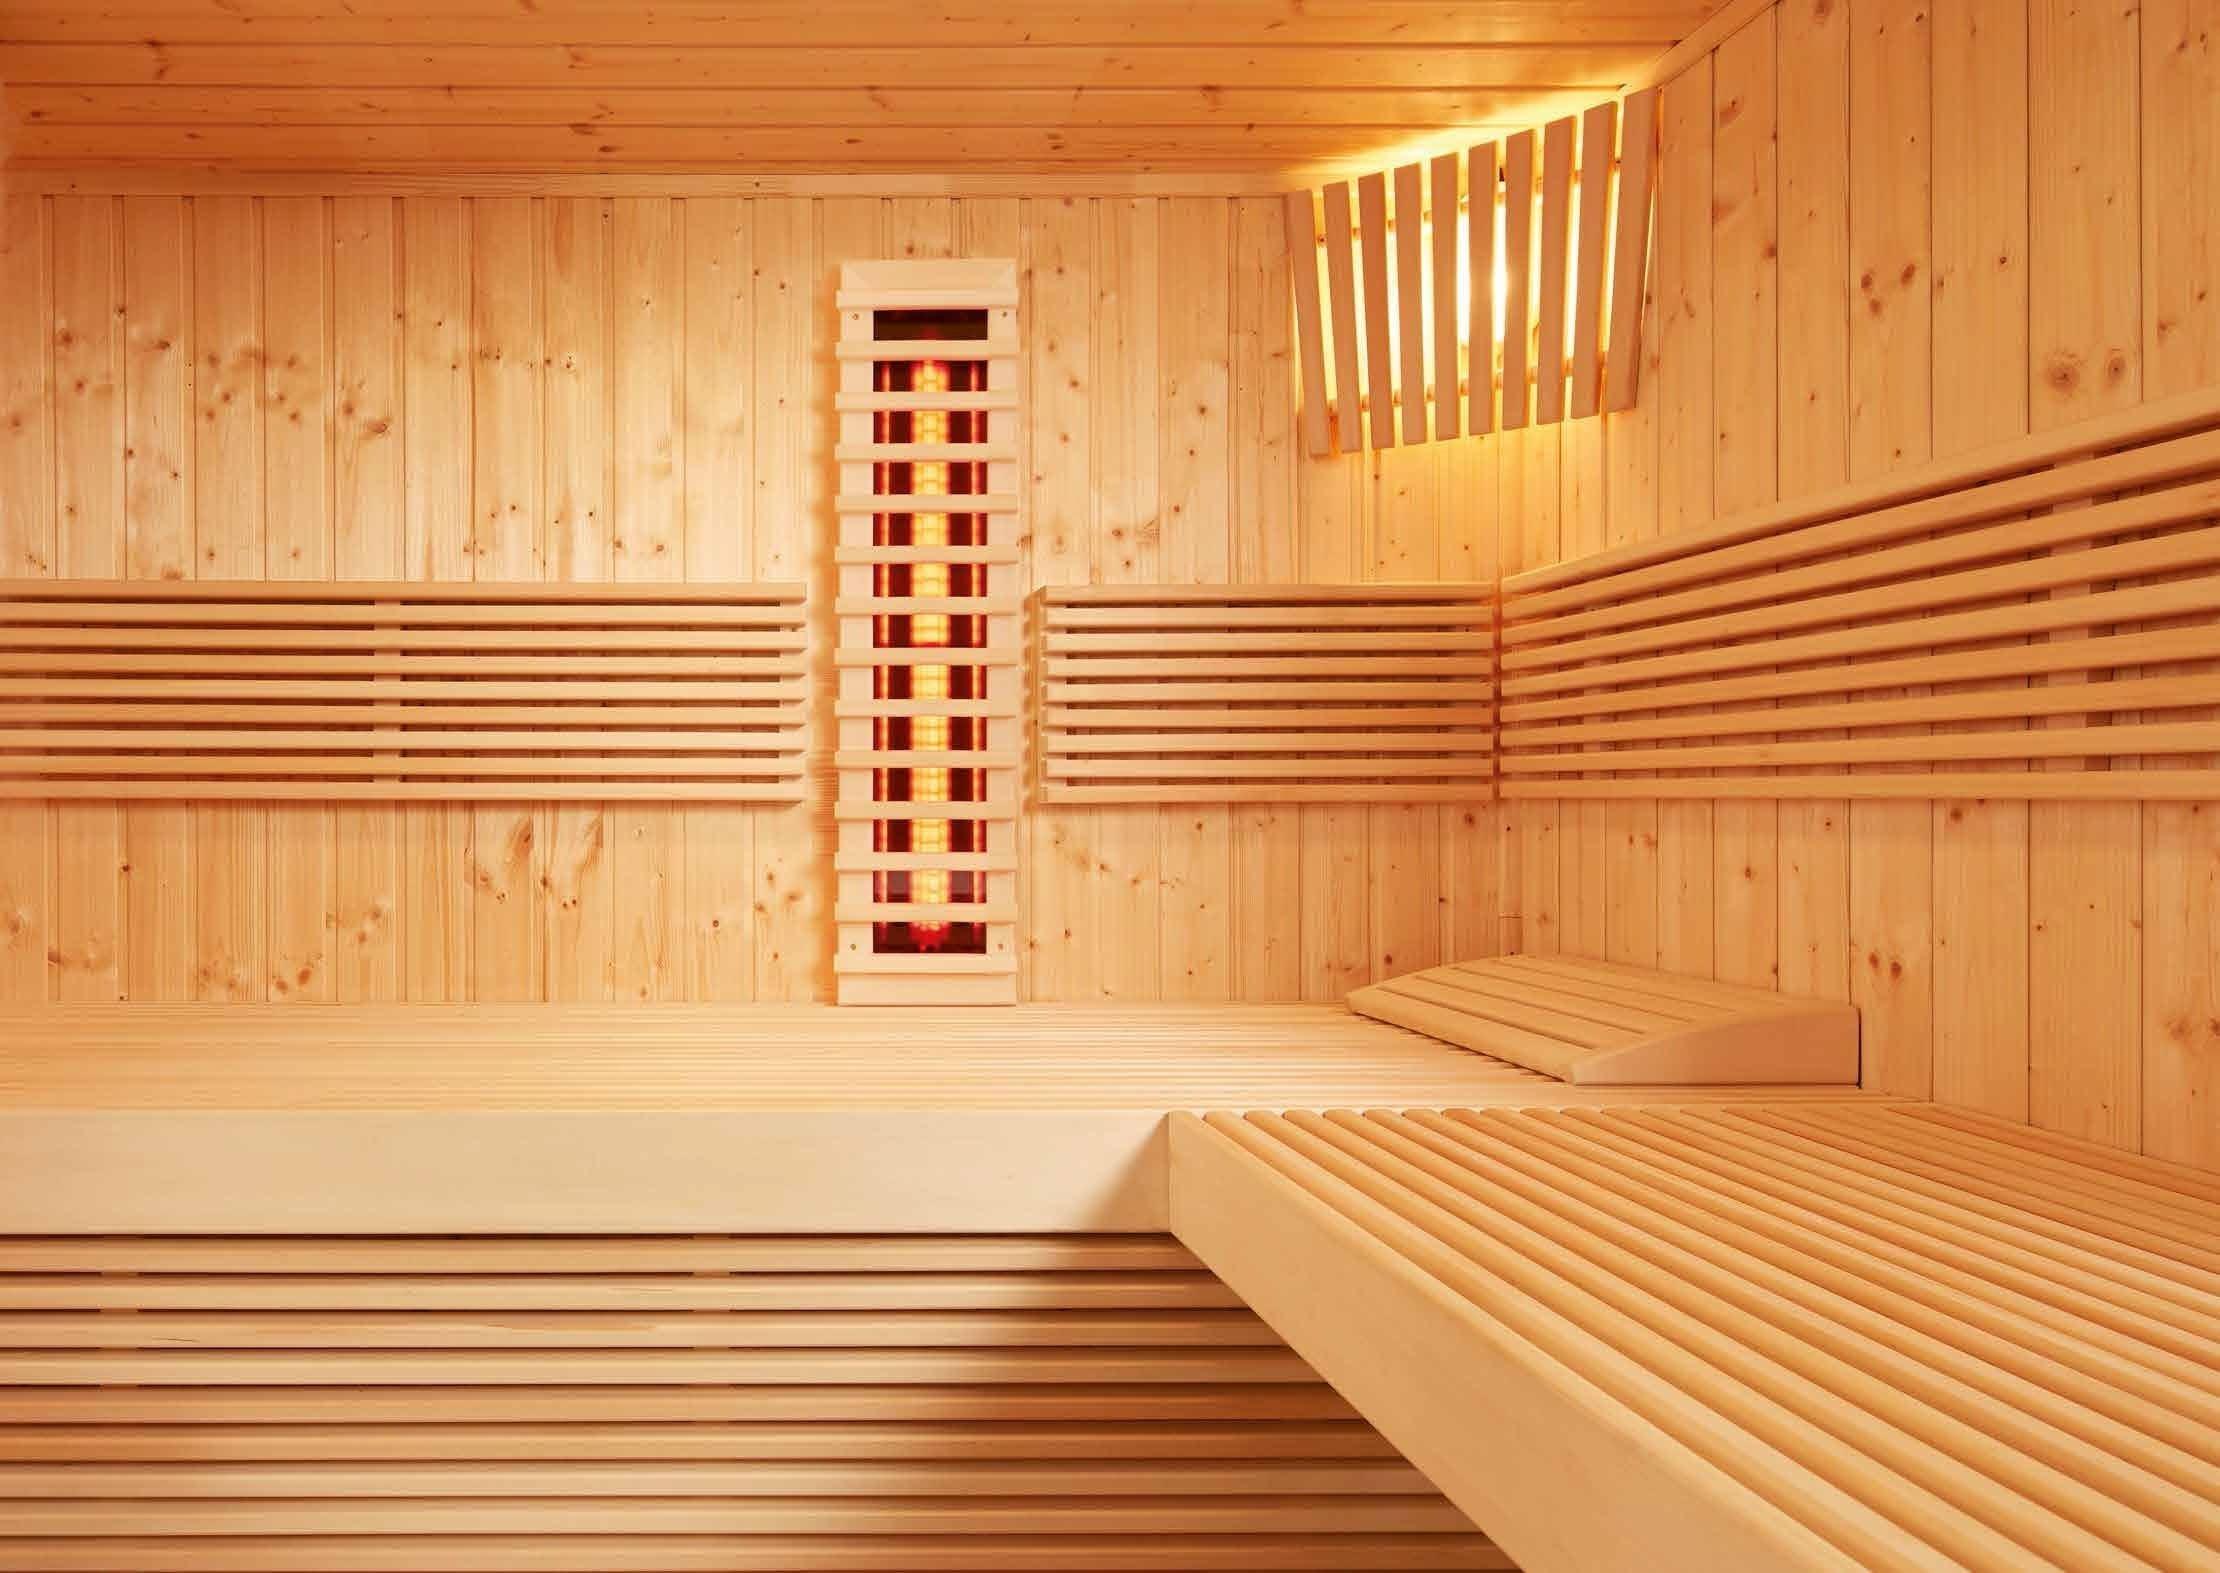 Je dávno prokázané, že pravidelné saunování prospívá našemu zdraví, ale i imunitě jako takové. Proč bychom ale měli navštěvovat sauny ve wellness centrech či drahých saunových světech (kdy se časté návštěvy opravdu prodraží), když si můžeme saunový luxus dopřát i v pohodlí našeho domova.